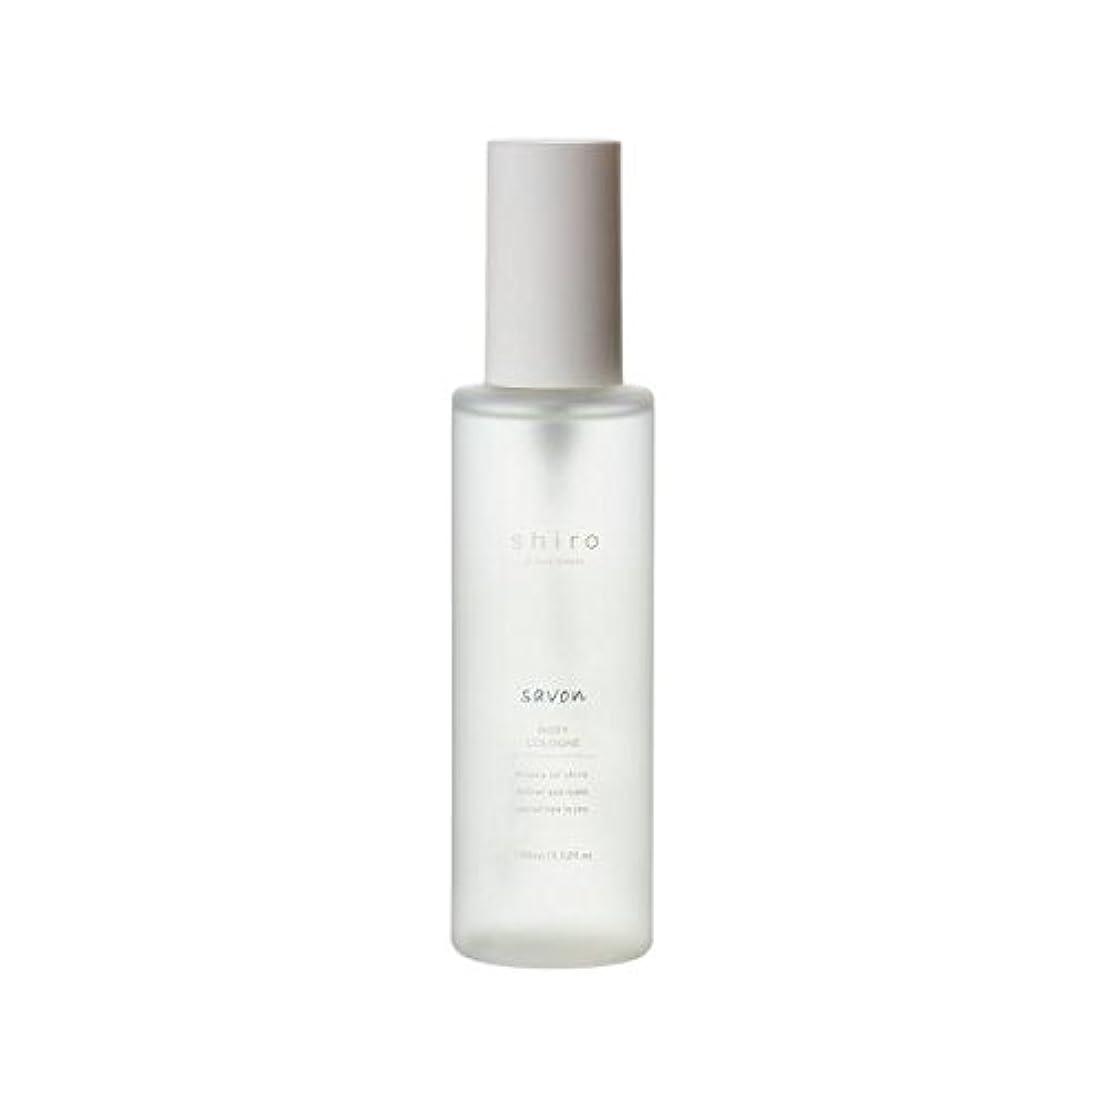 正確洗剤にshiro サボン ボディコロン 100ml 清潔で透明感のある自然な石けんの香り ミスト シロ